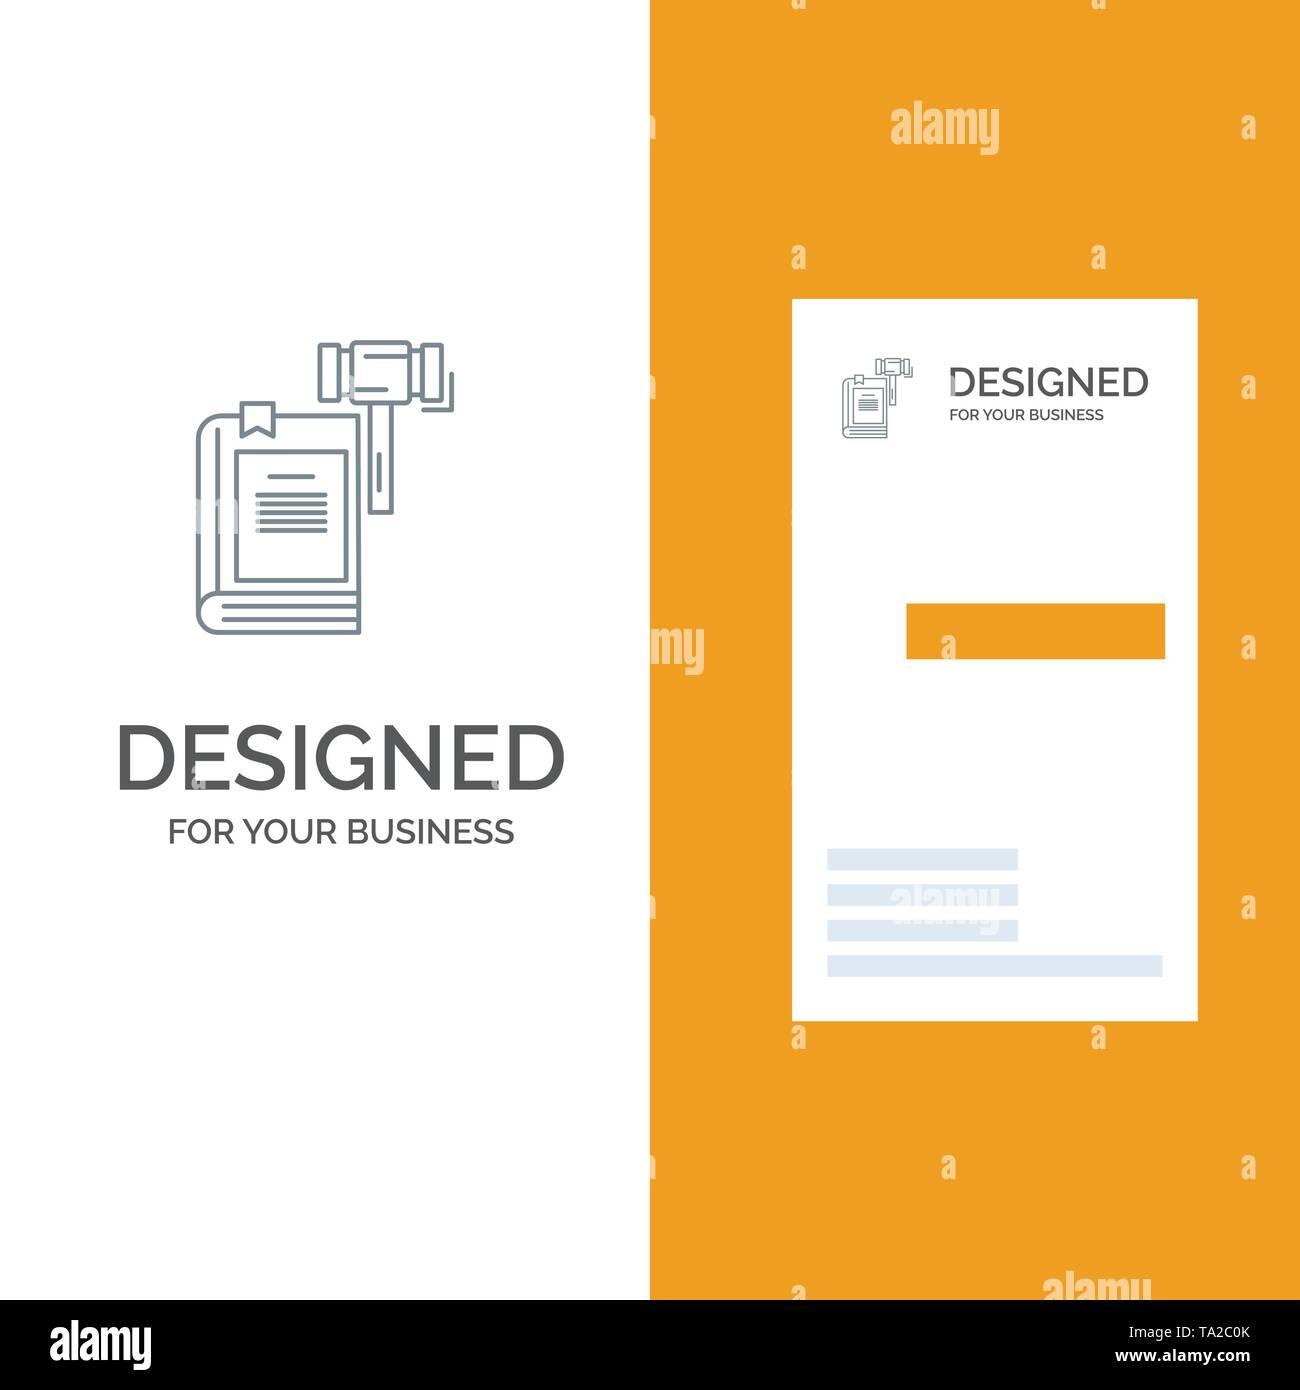 Gesetz, Aktion, Auktion, Gericht, Hammer, Hammer, rechtlichen Grau Logo Design und Business Card Template Stockbild